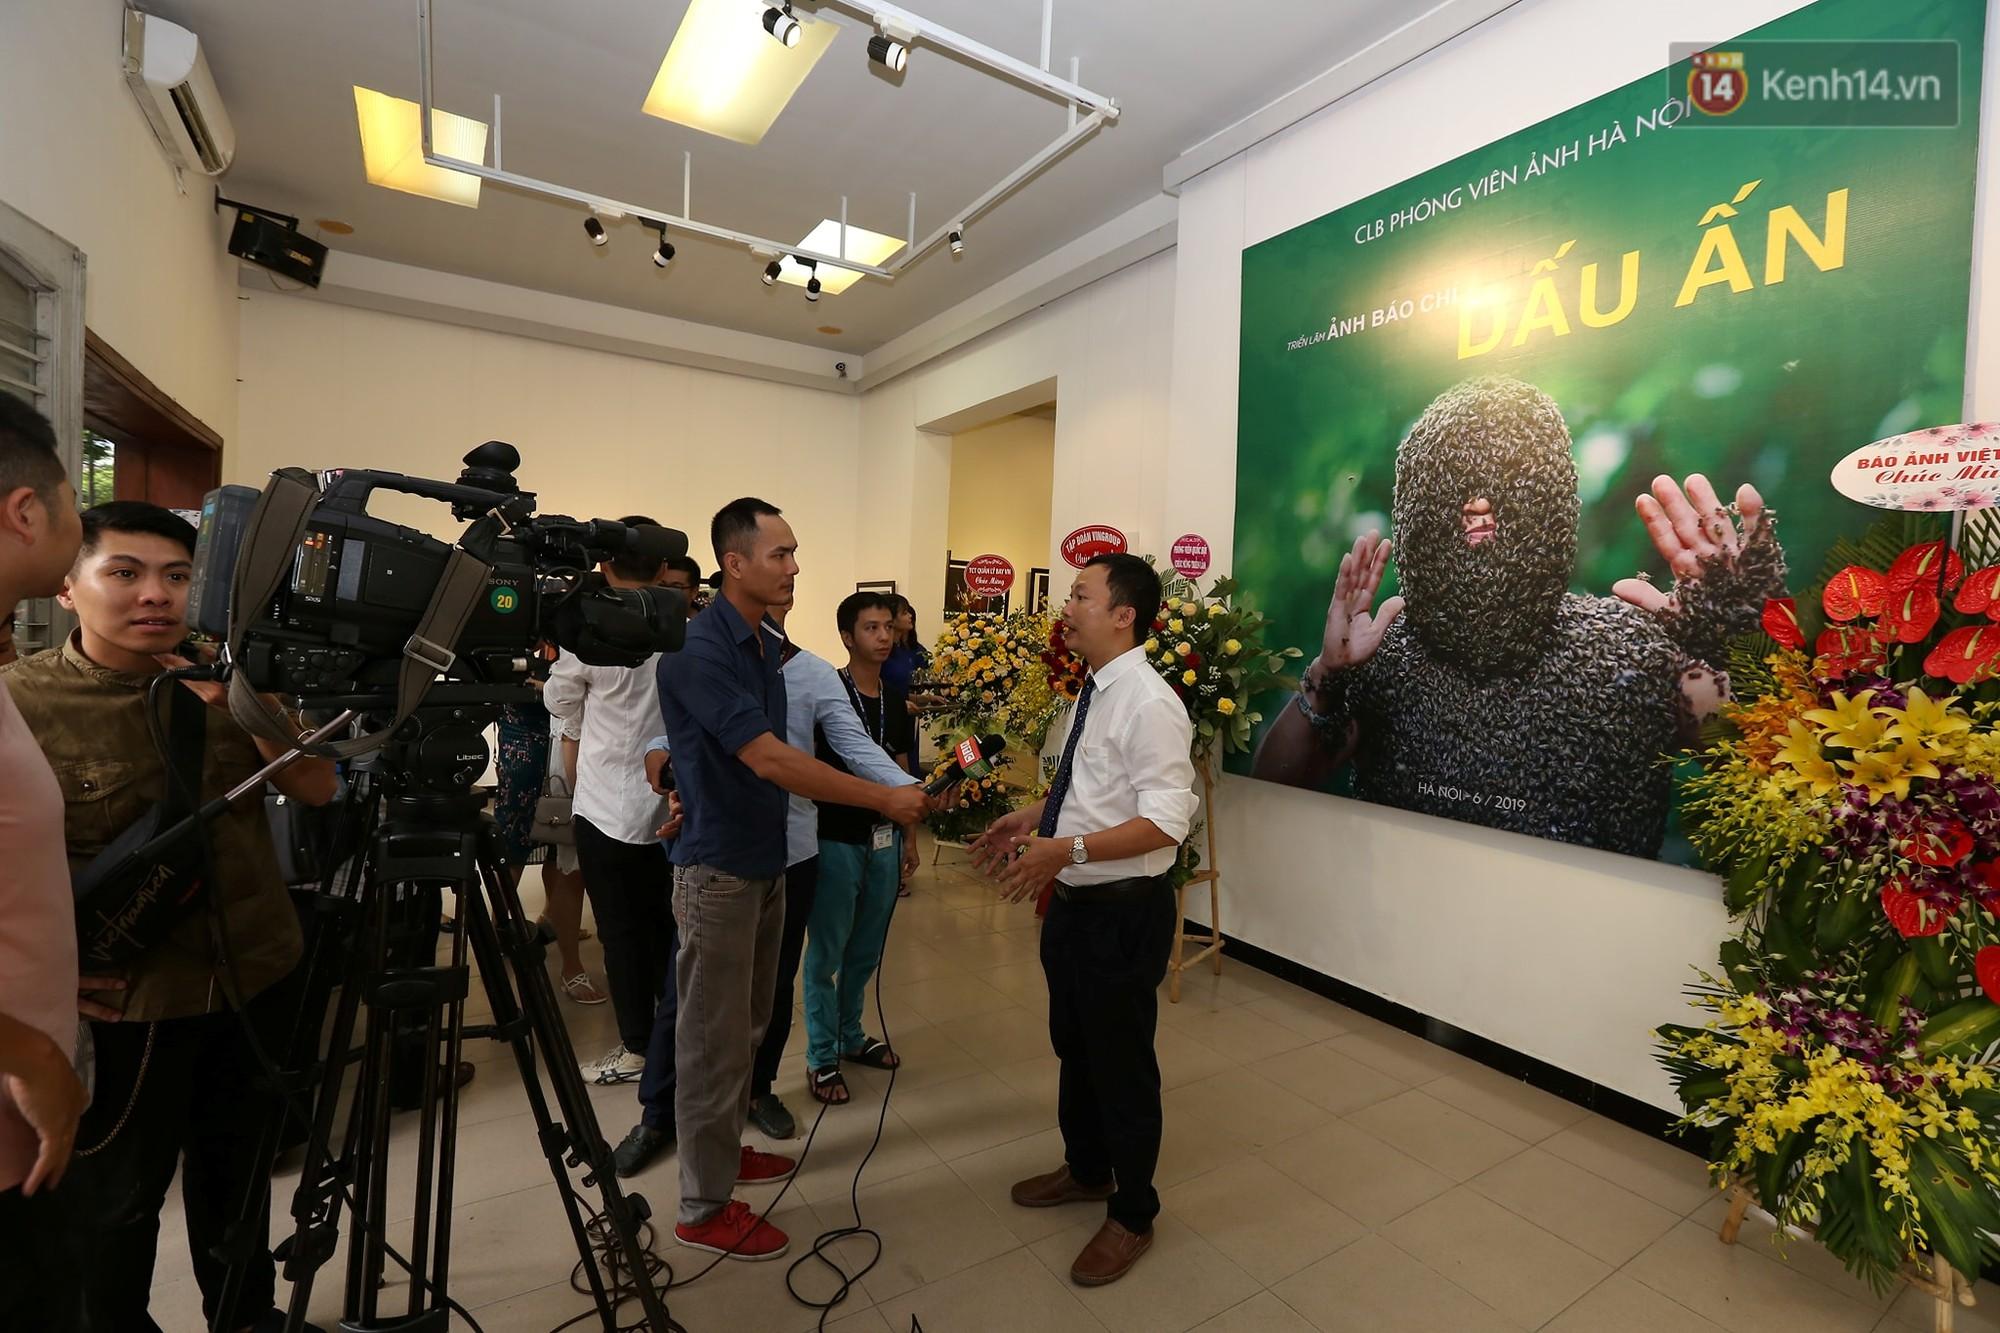 Triển lãm gần 100 bức ảnh ấn tượng của CLB phóng viên ảnh Hà Nội chào mừng 94 năm ngày báo chí cách mạng Việt Nam